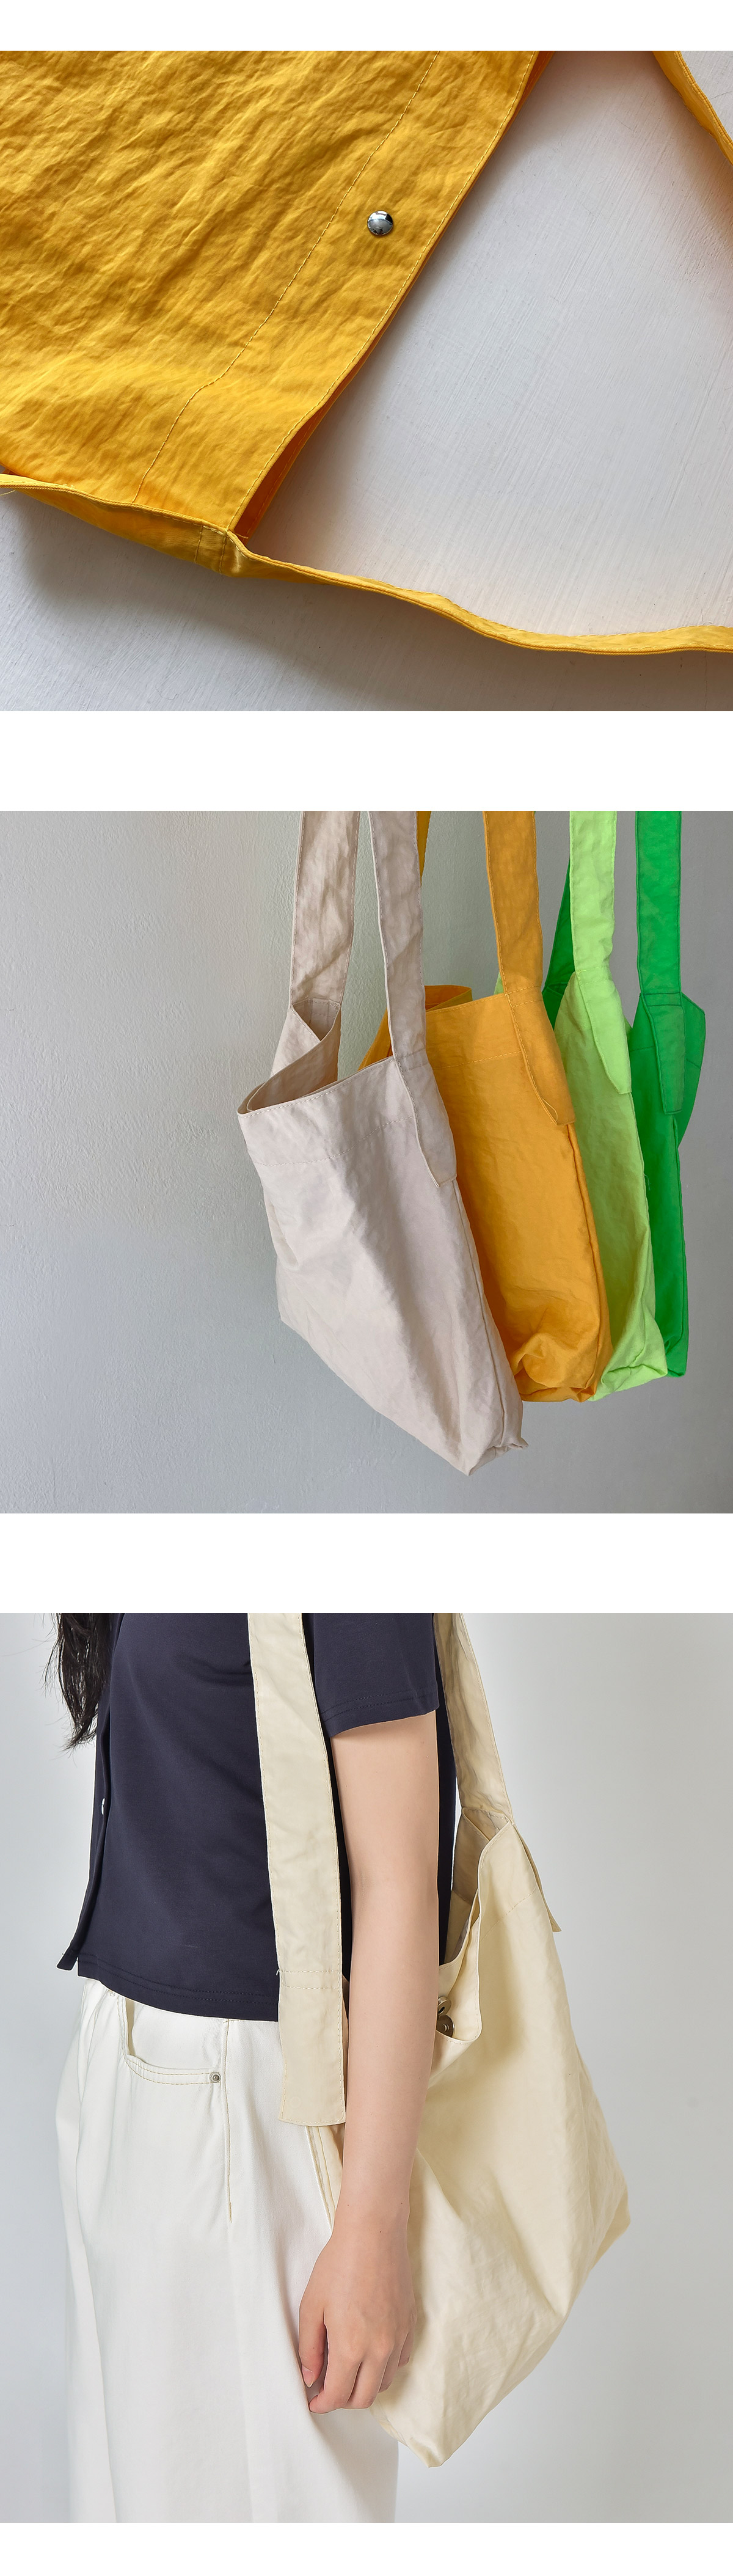 Fabi shoulder bag